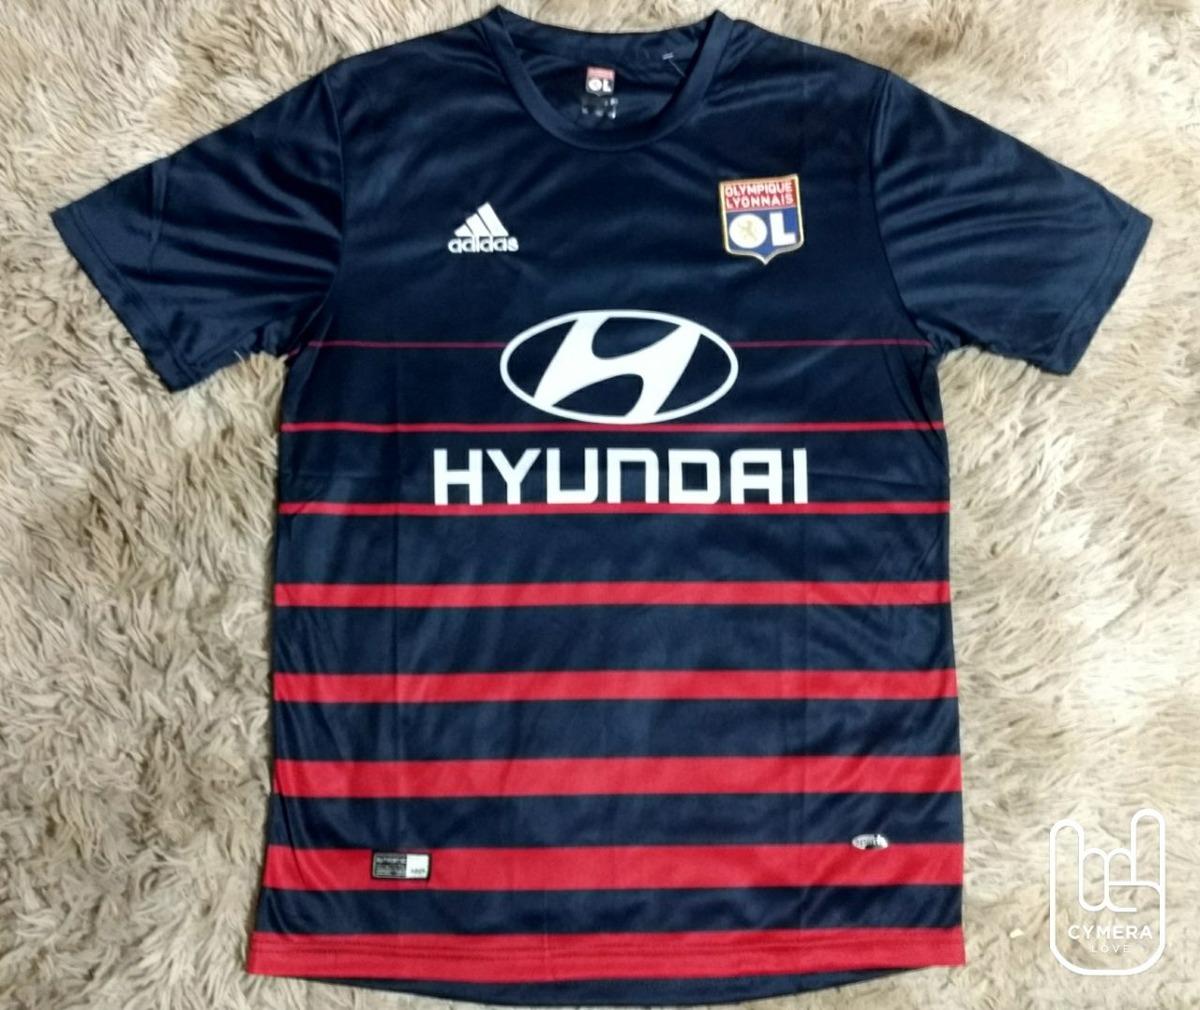 camisa de time futebol esporte barato. Carregando zoom. c81ec4282e99c